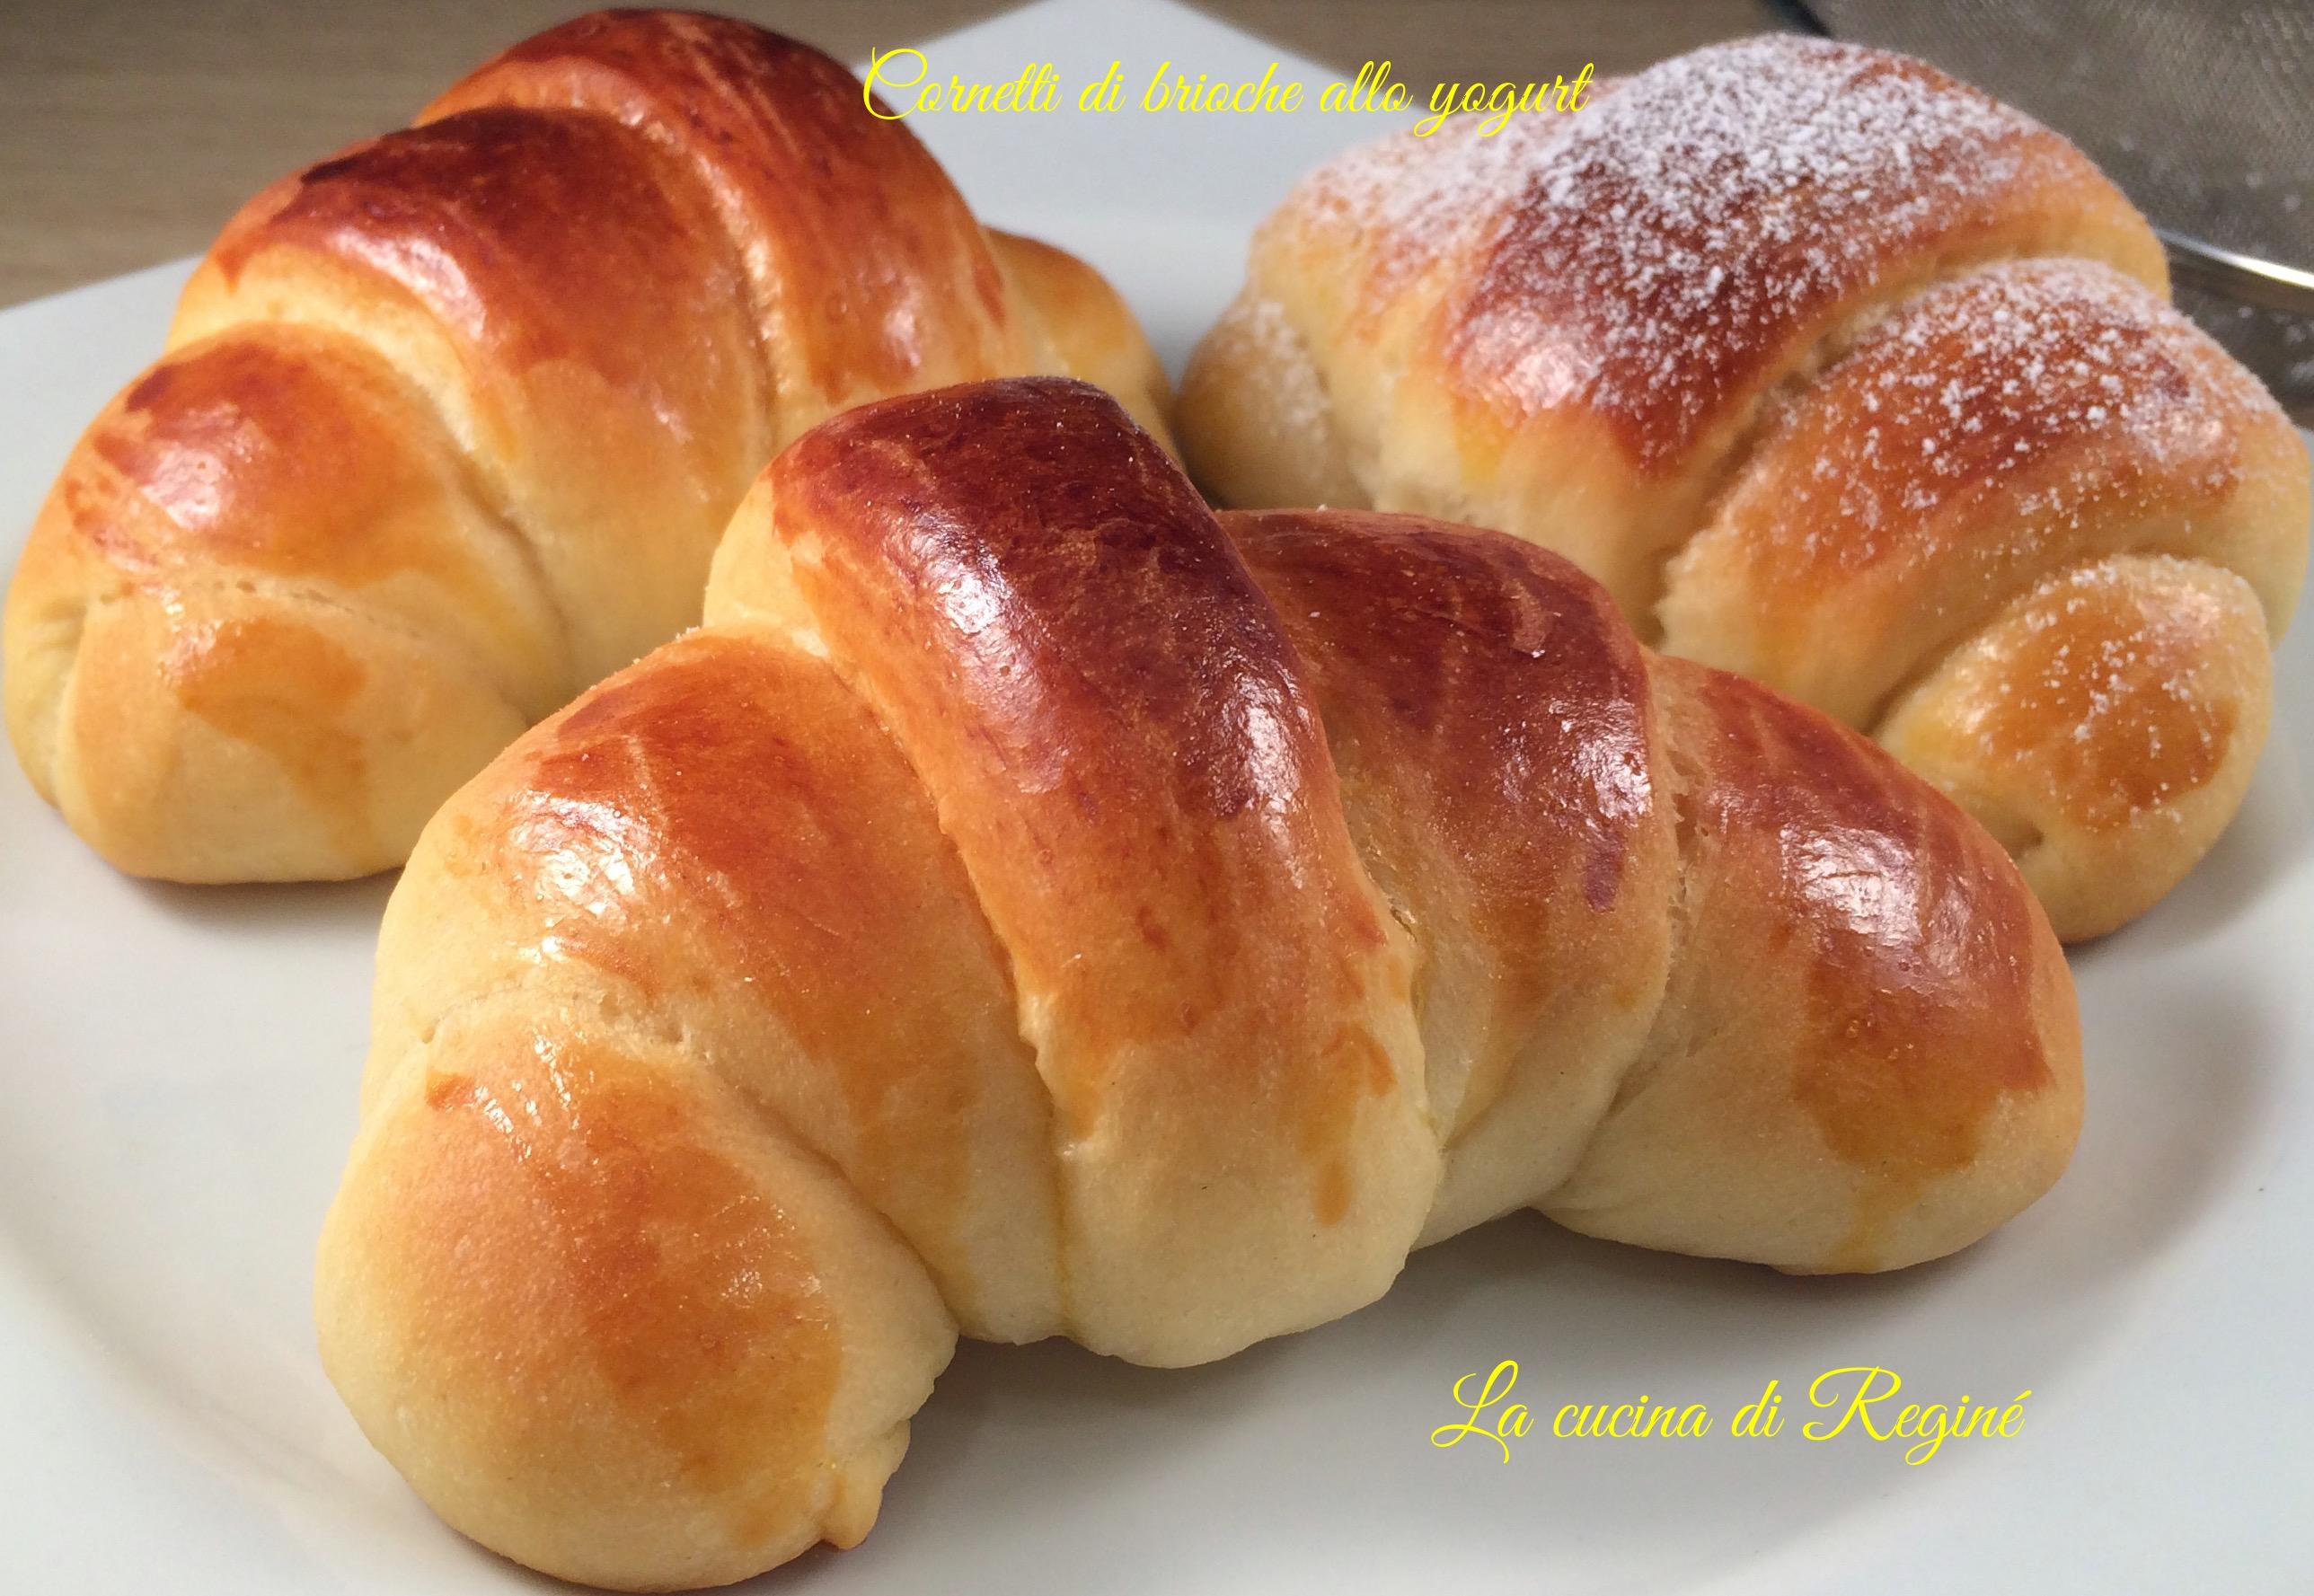 Amato Cornetti di brioche allo yogurt | La cucina di Reginé ☼ CU73